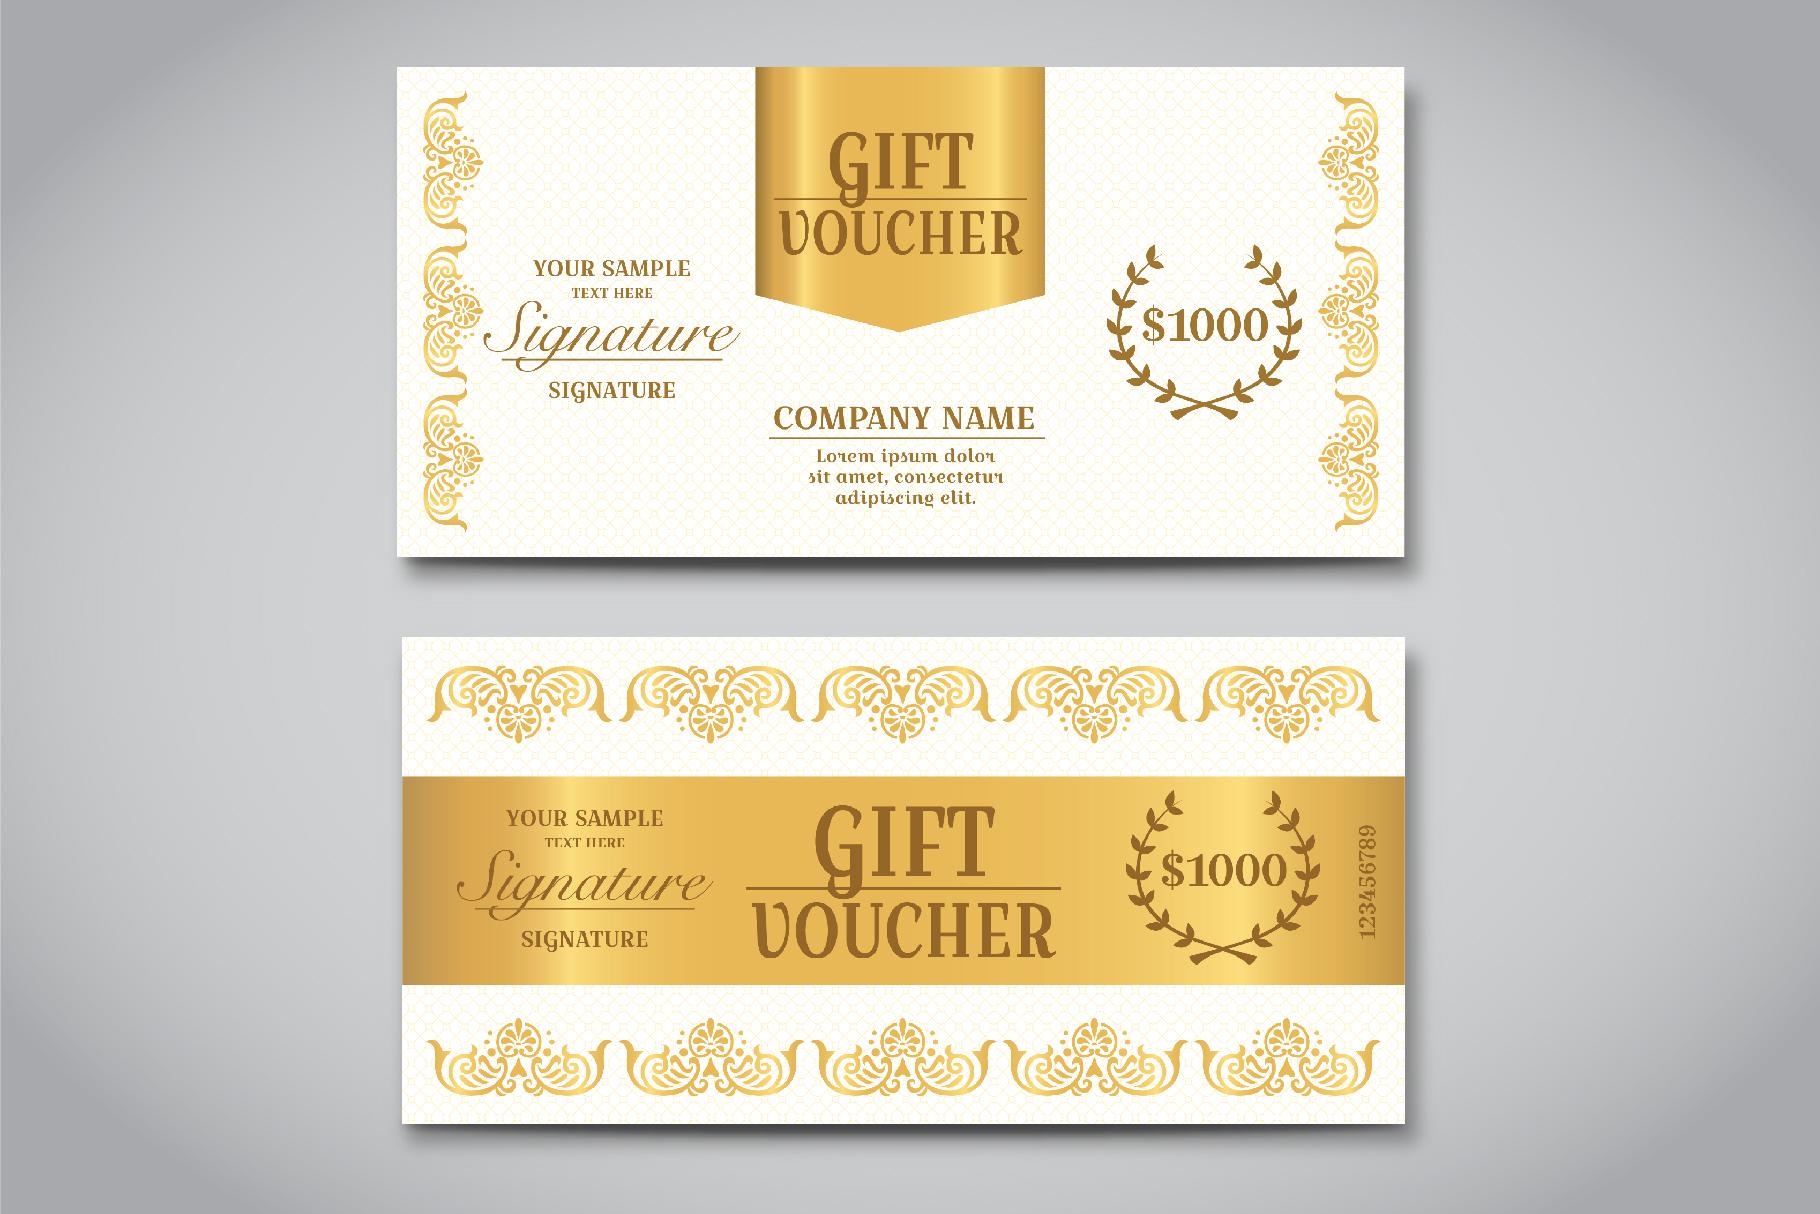 Exclusive gift voucher template by knic design bundles exclusive gift voucher template example image 4 altavistaventures Gallery